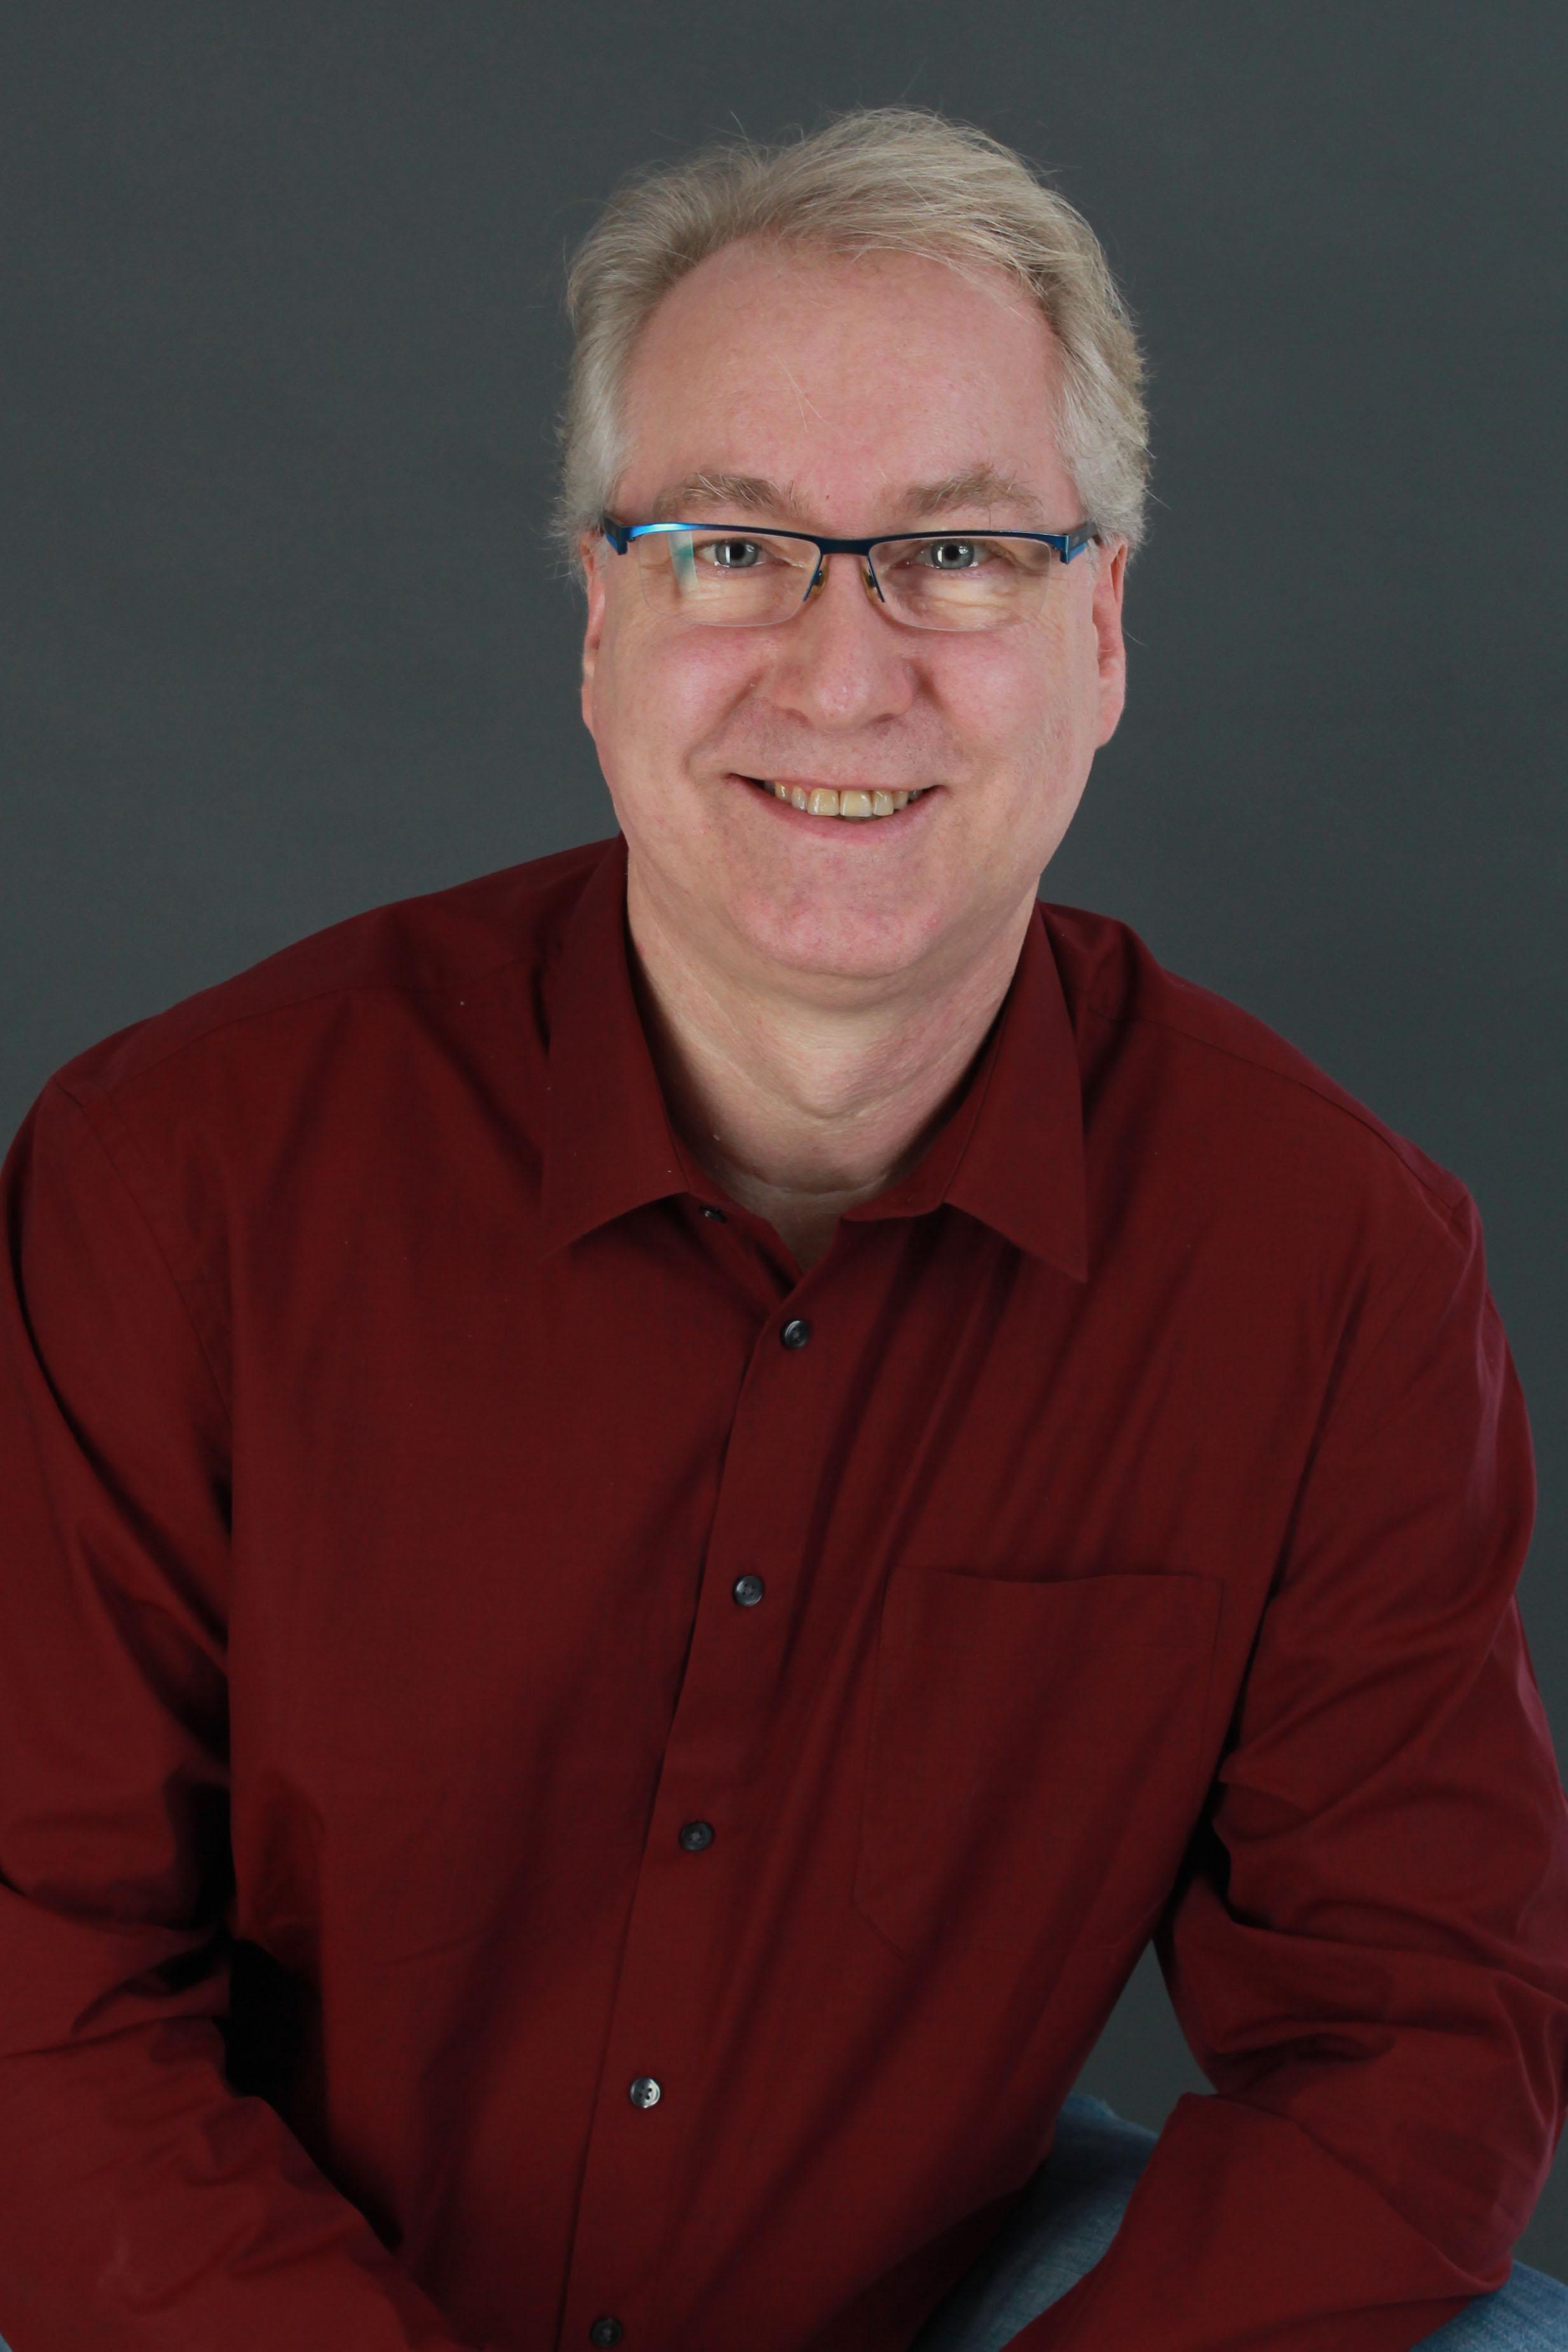 Profilfoto von Jens Günther